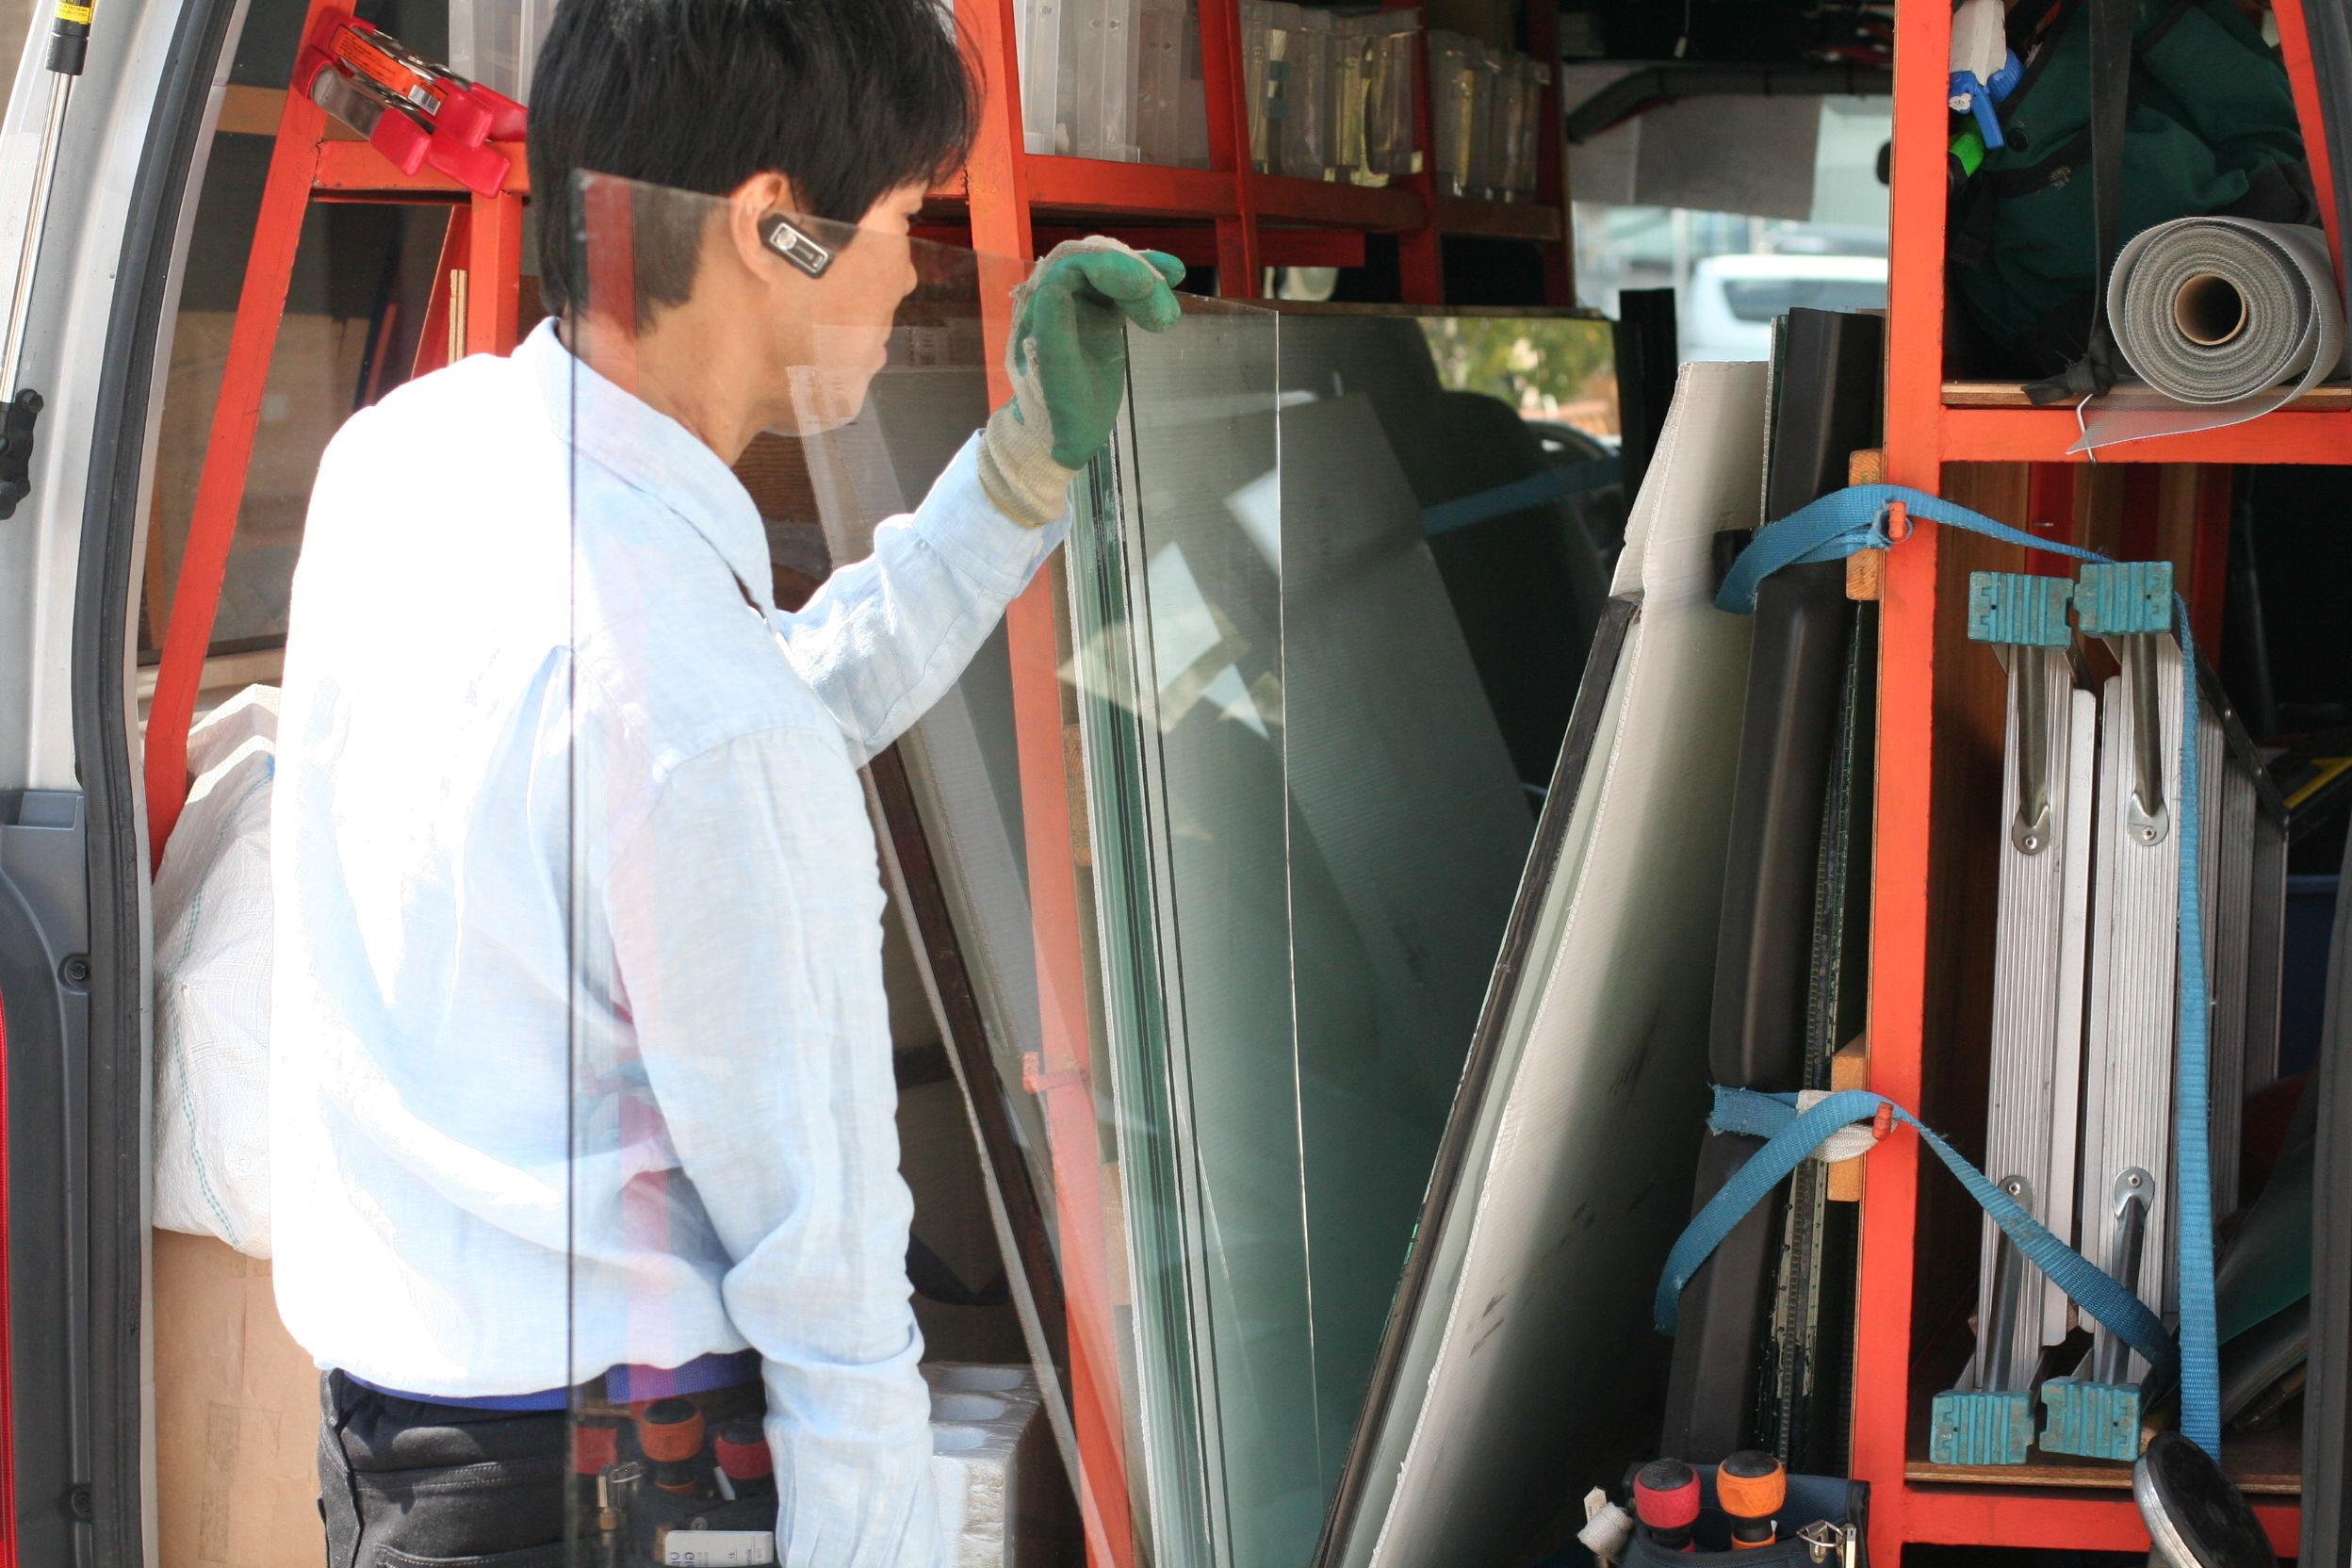 ガラスのトラブル救Q隊.24【千葉市若葉区 出張エリア】の店内・外観画像2